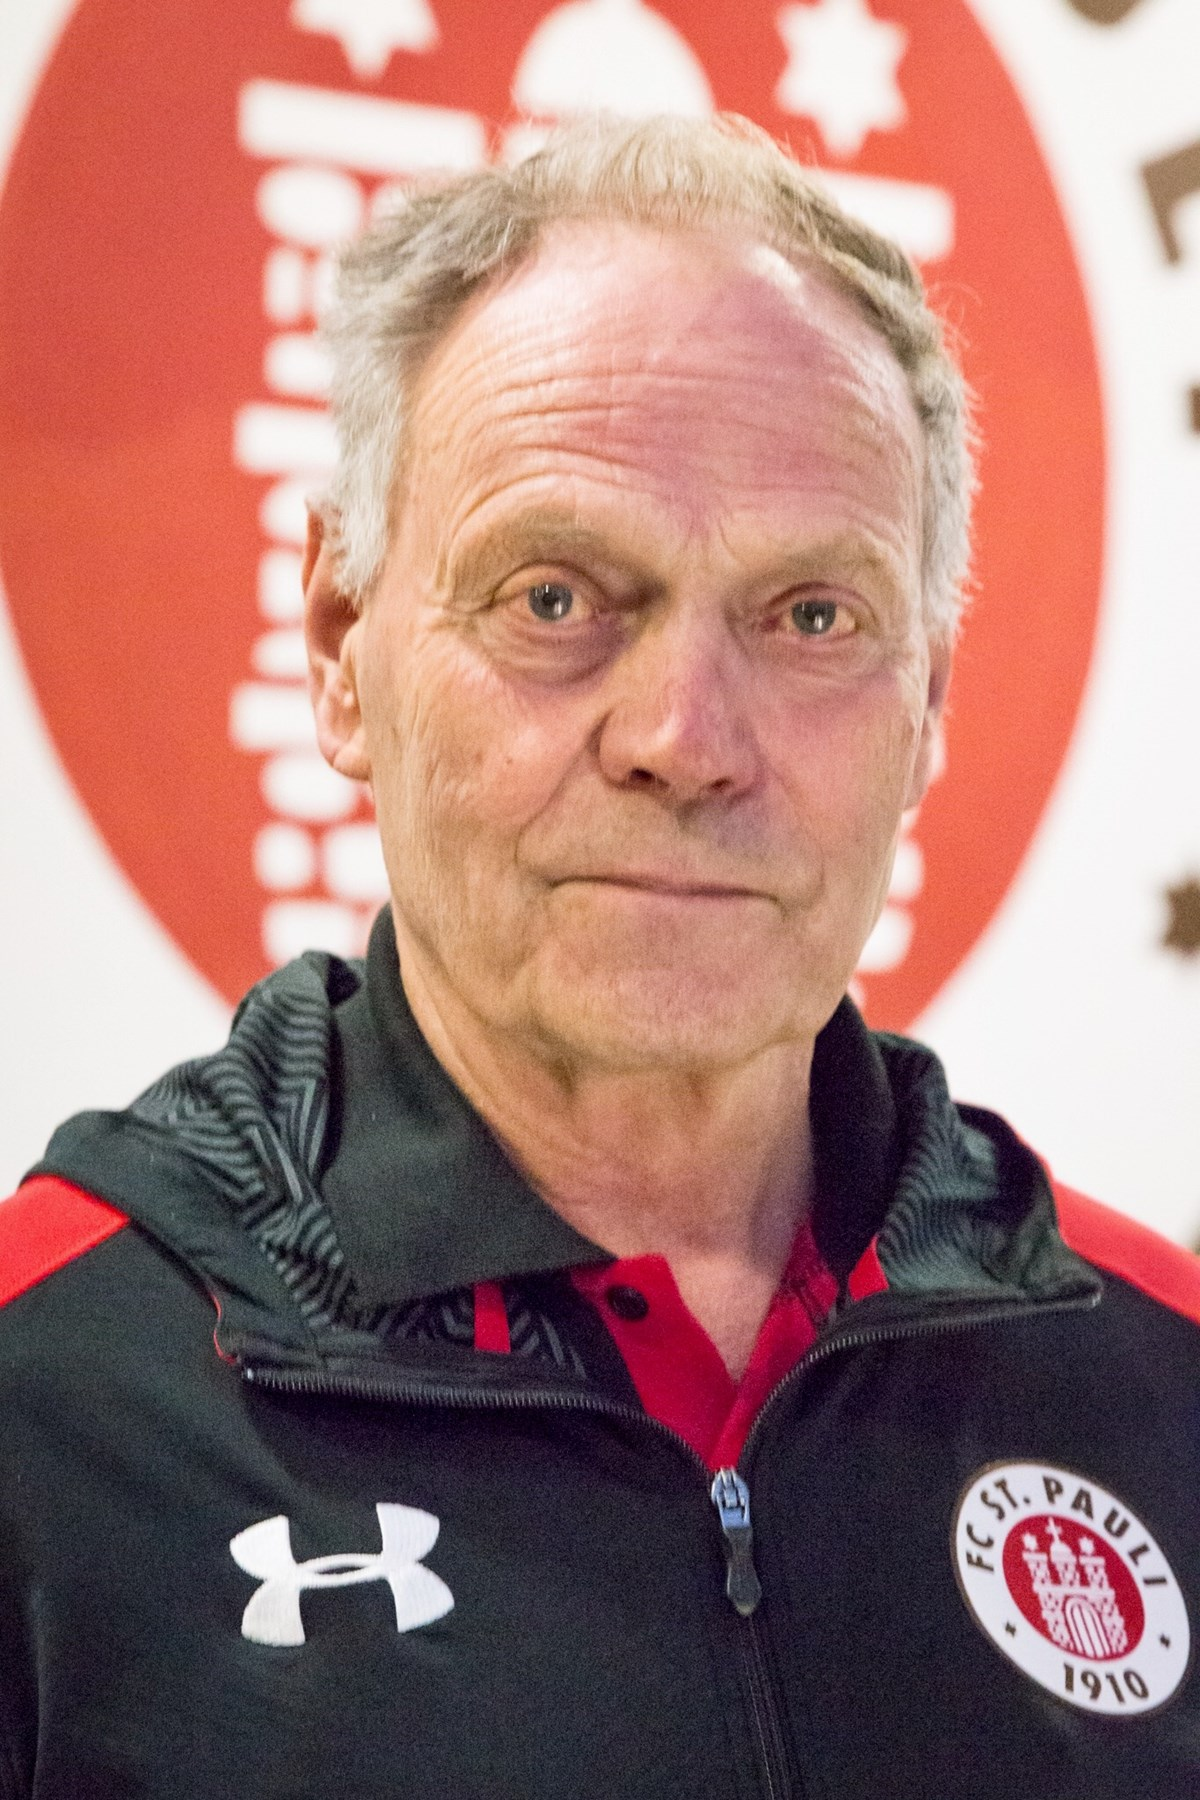 Jochen Rönndahl